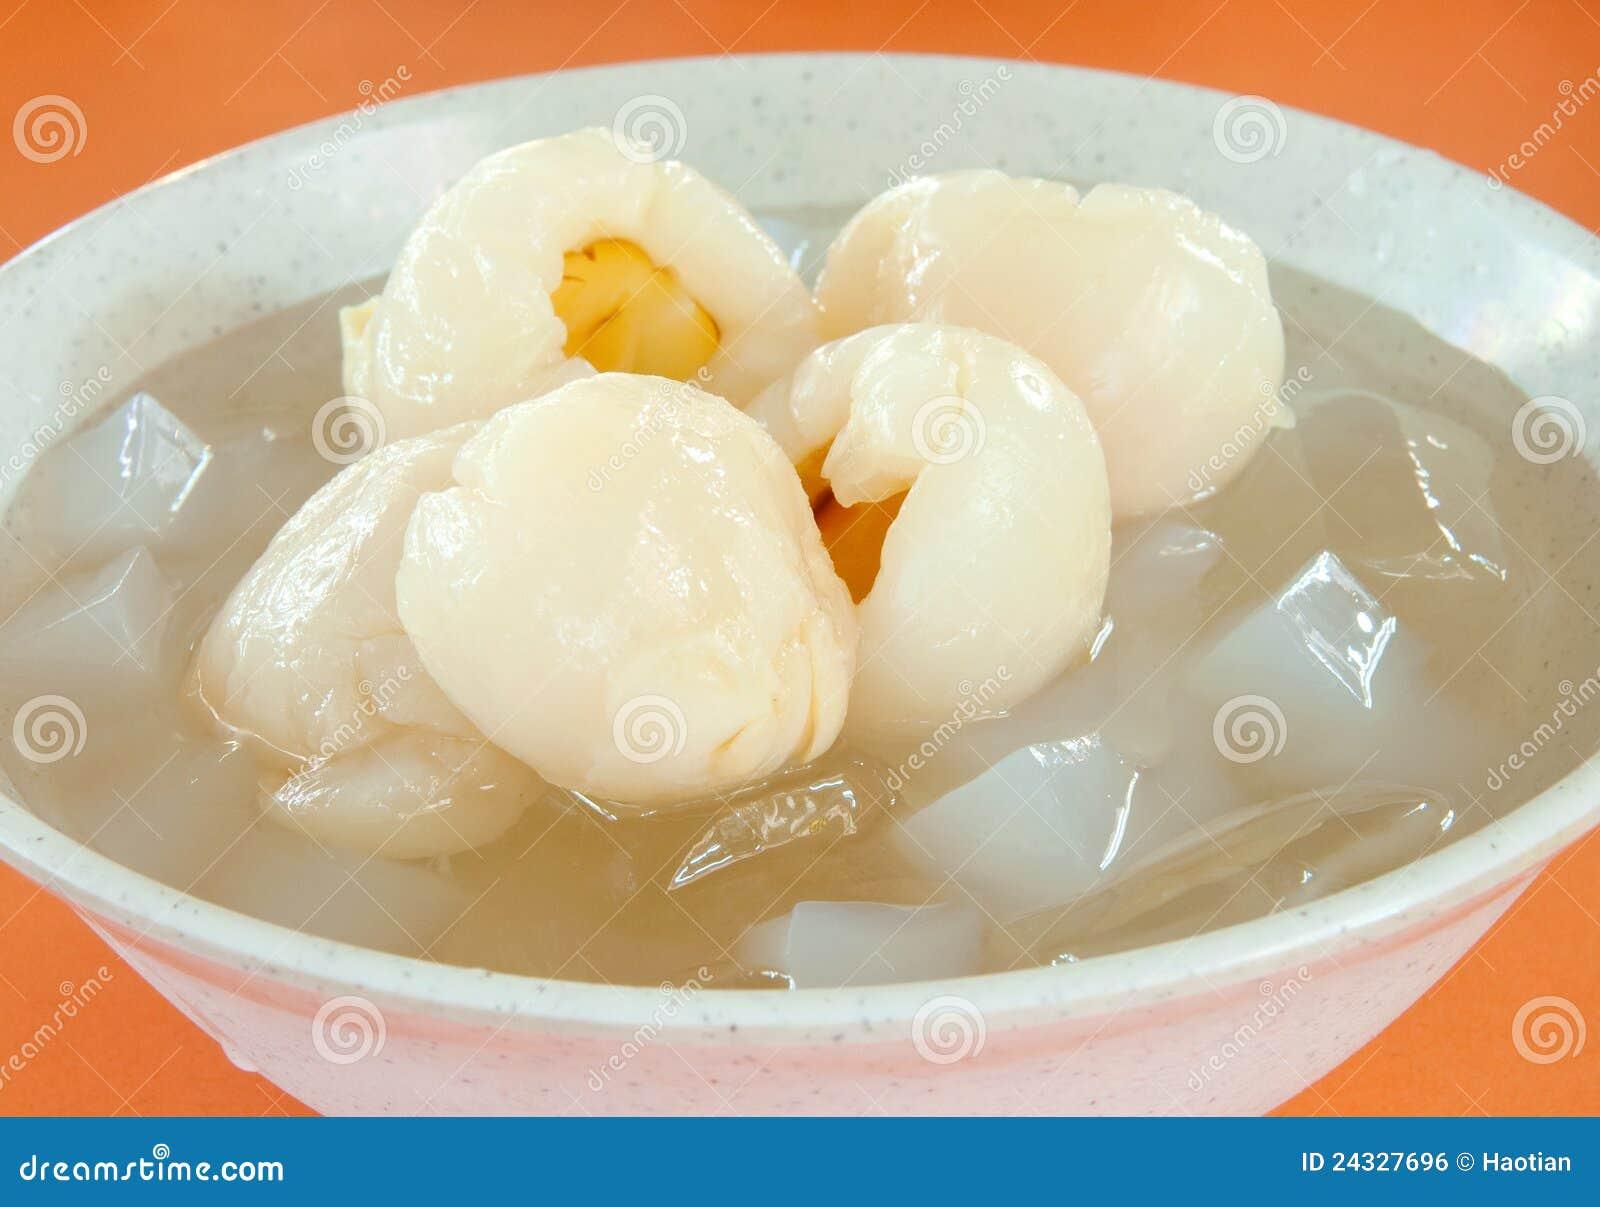 Chinese Longan Dessert Royalty Free Stock Image - Image: 24327696